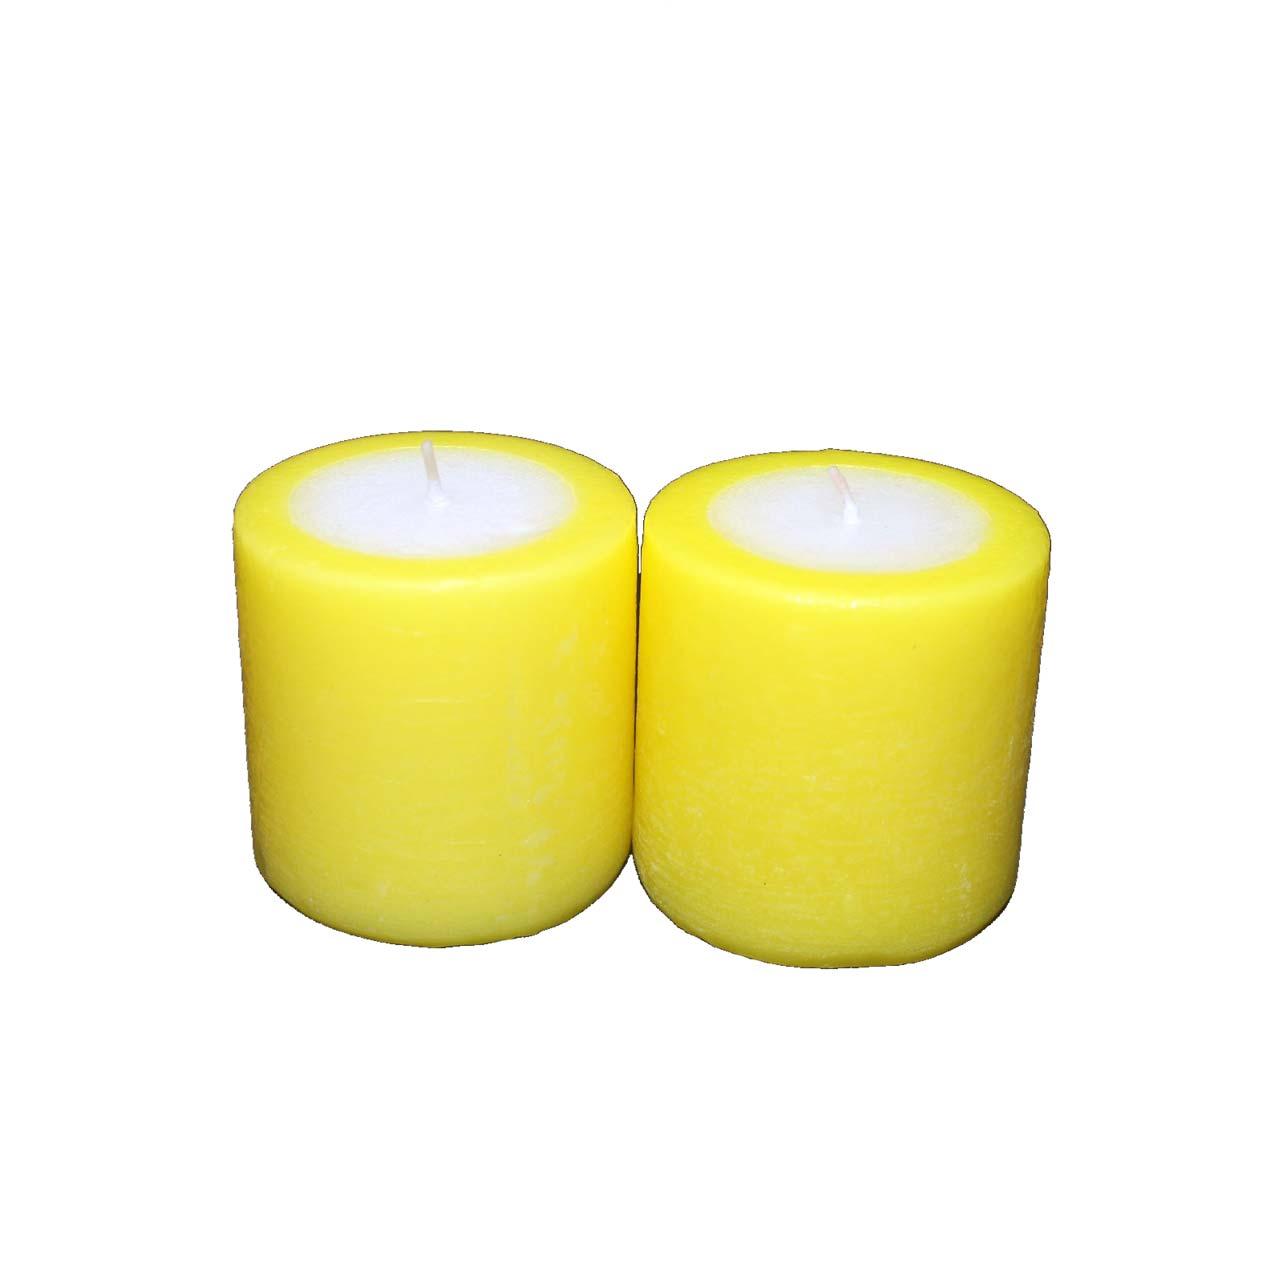 شمع تزیینی رنگی مدل 50019 بسته دو عددی